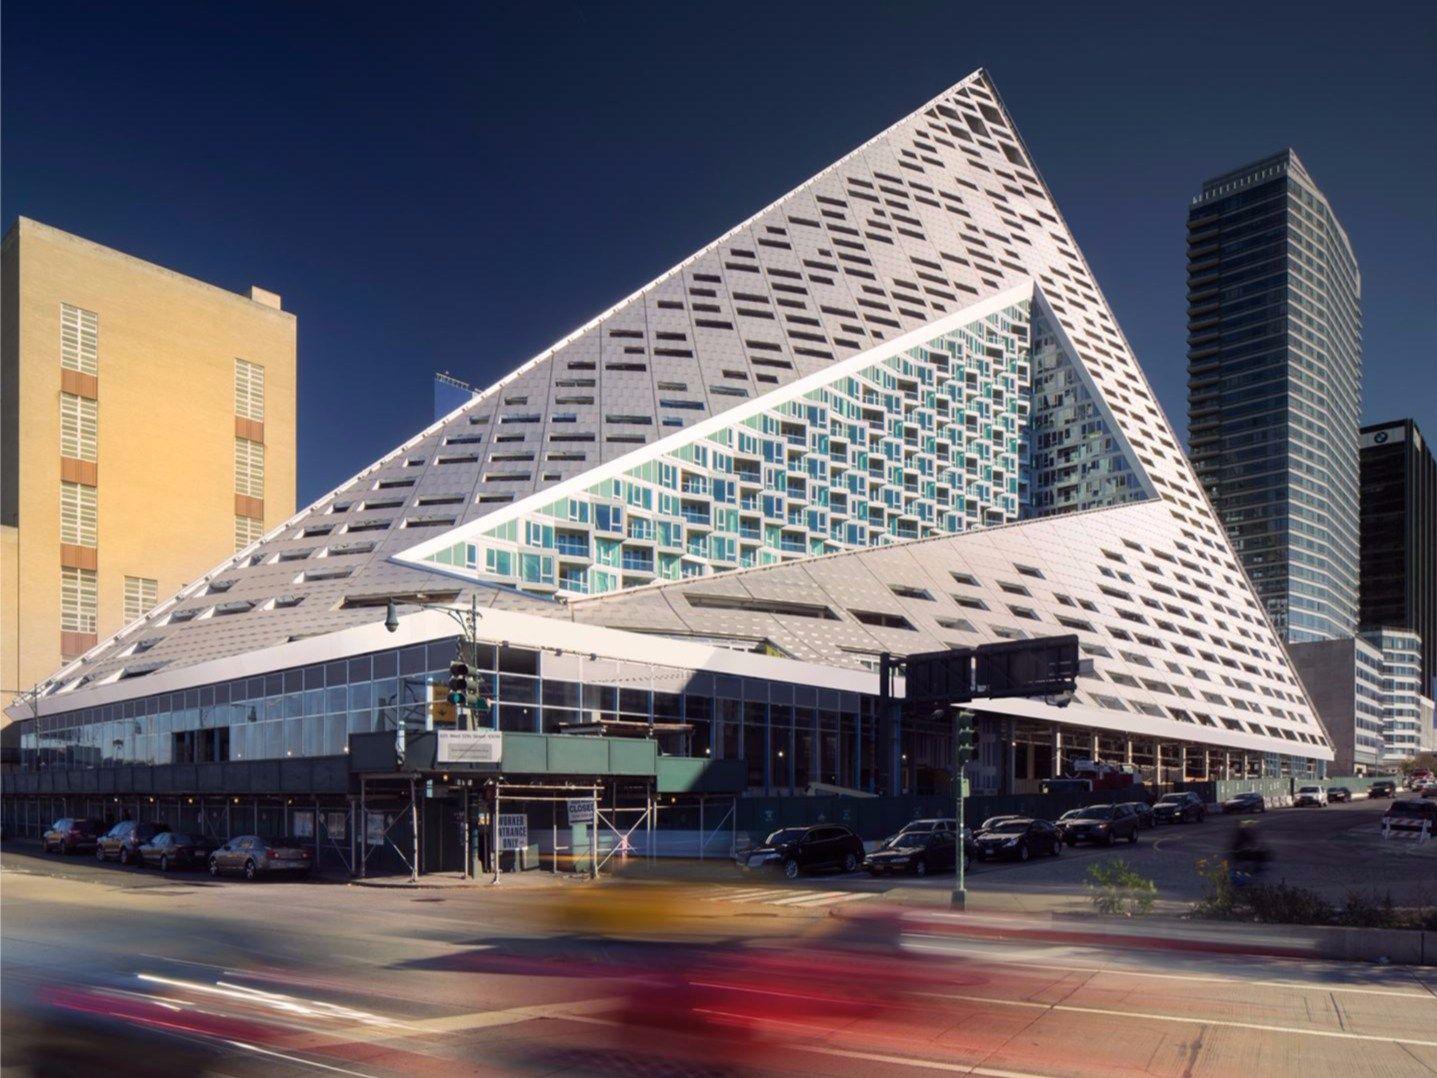 VIA 57 West: l'architettura ibrida firmata BIG - Bjarke Ingels Group